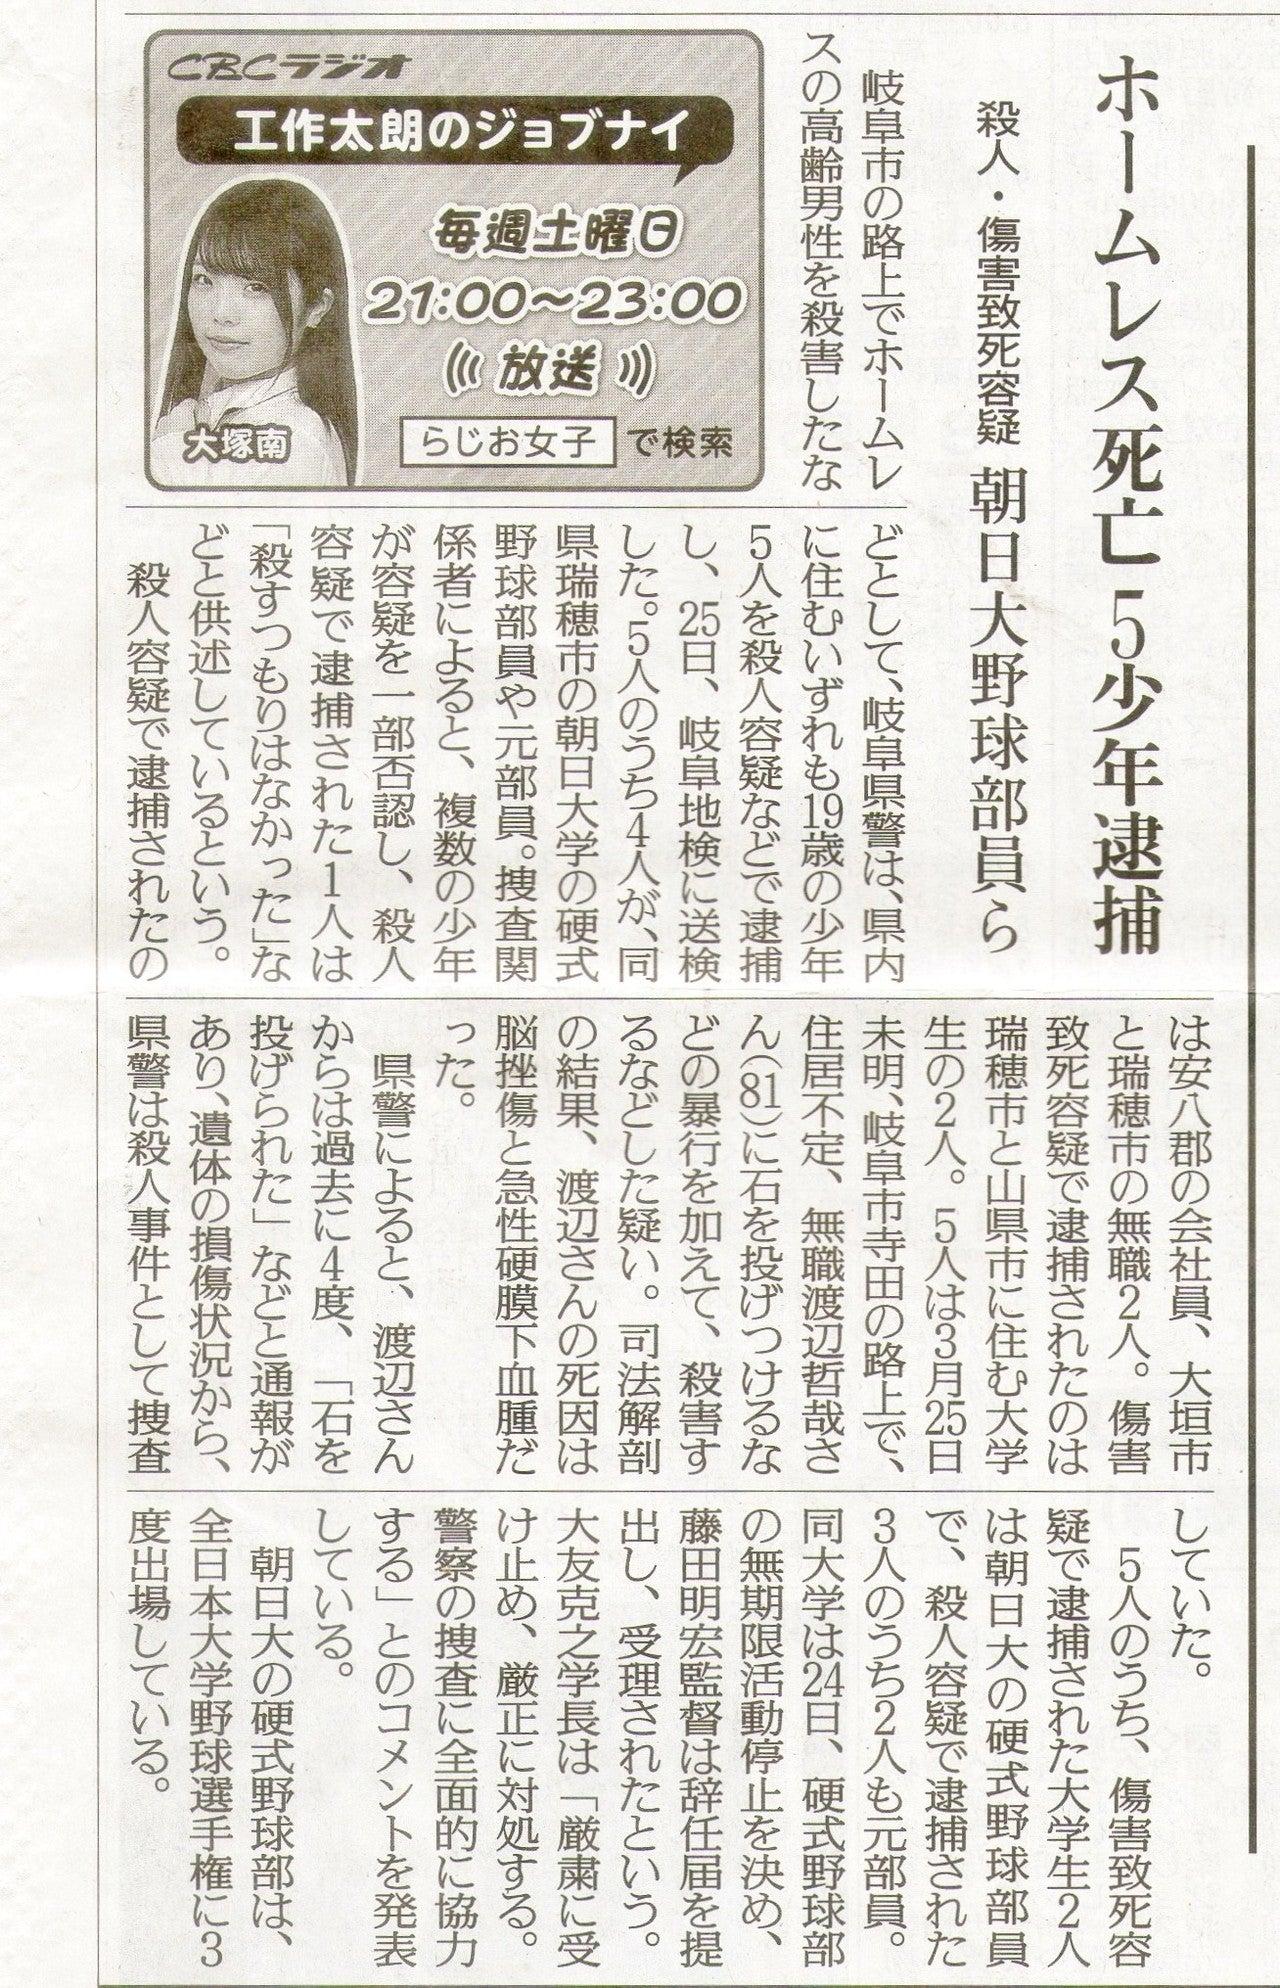 岐阜 ホームレス 殺害 大学生